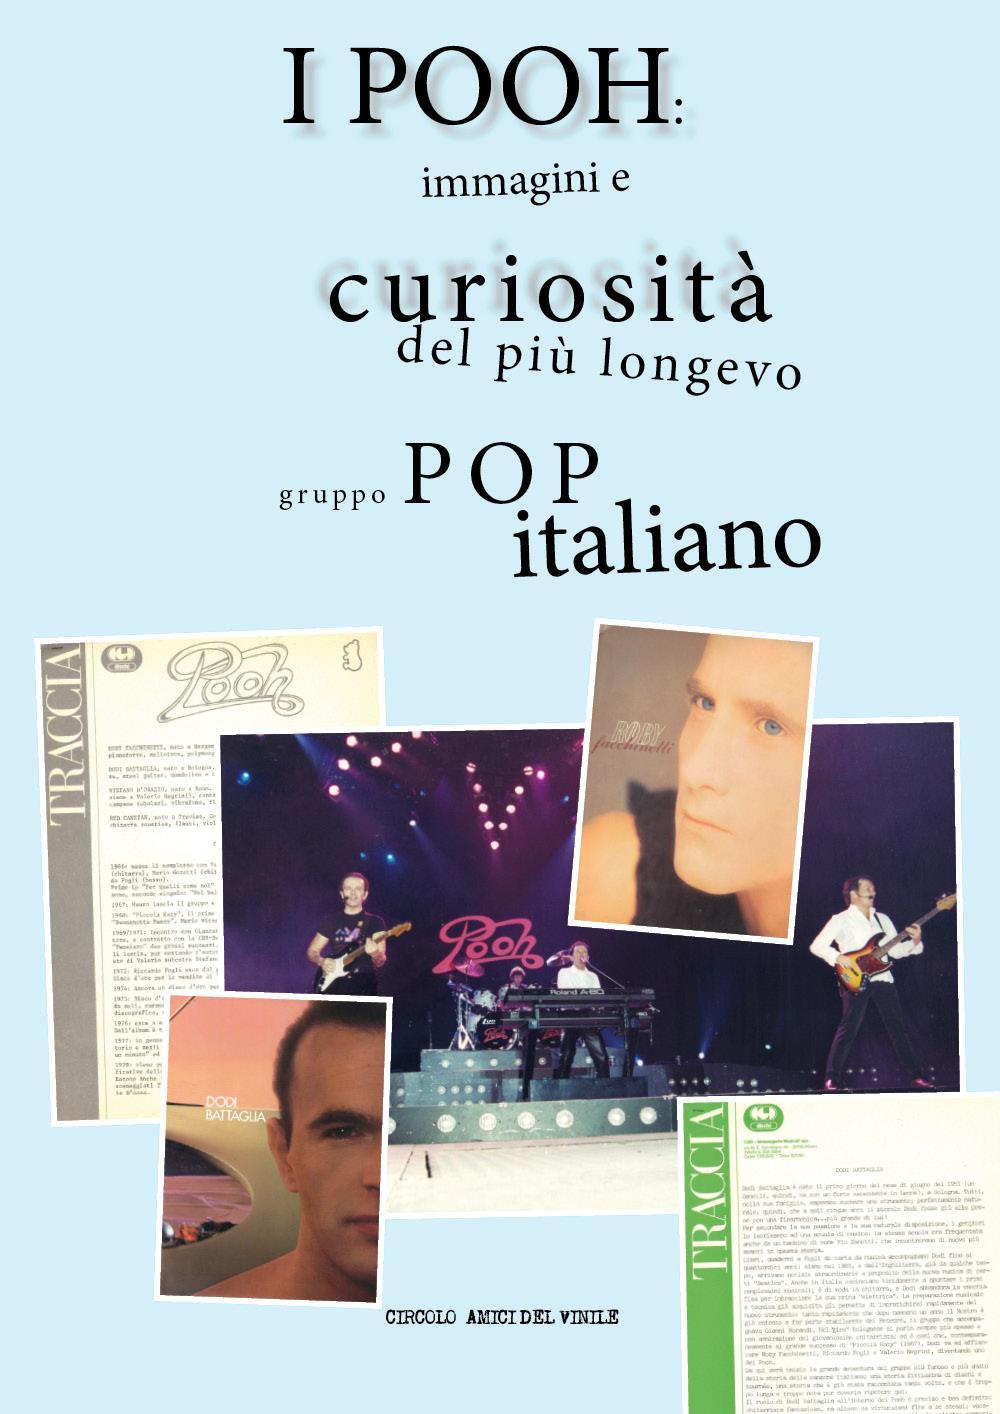 I Pooh: immagini e curiosità del più longevo gruppo pop italiano